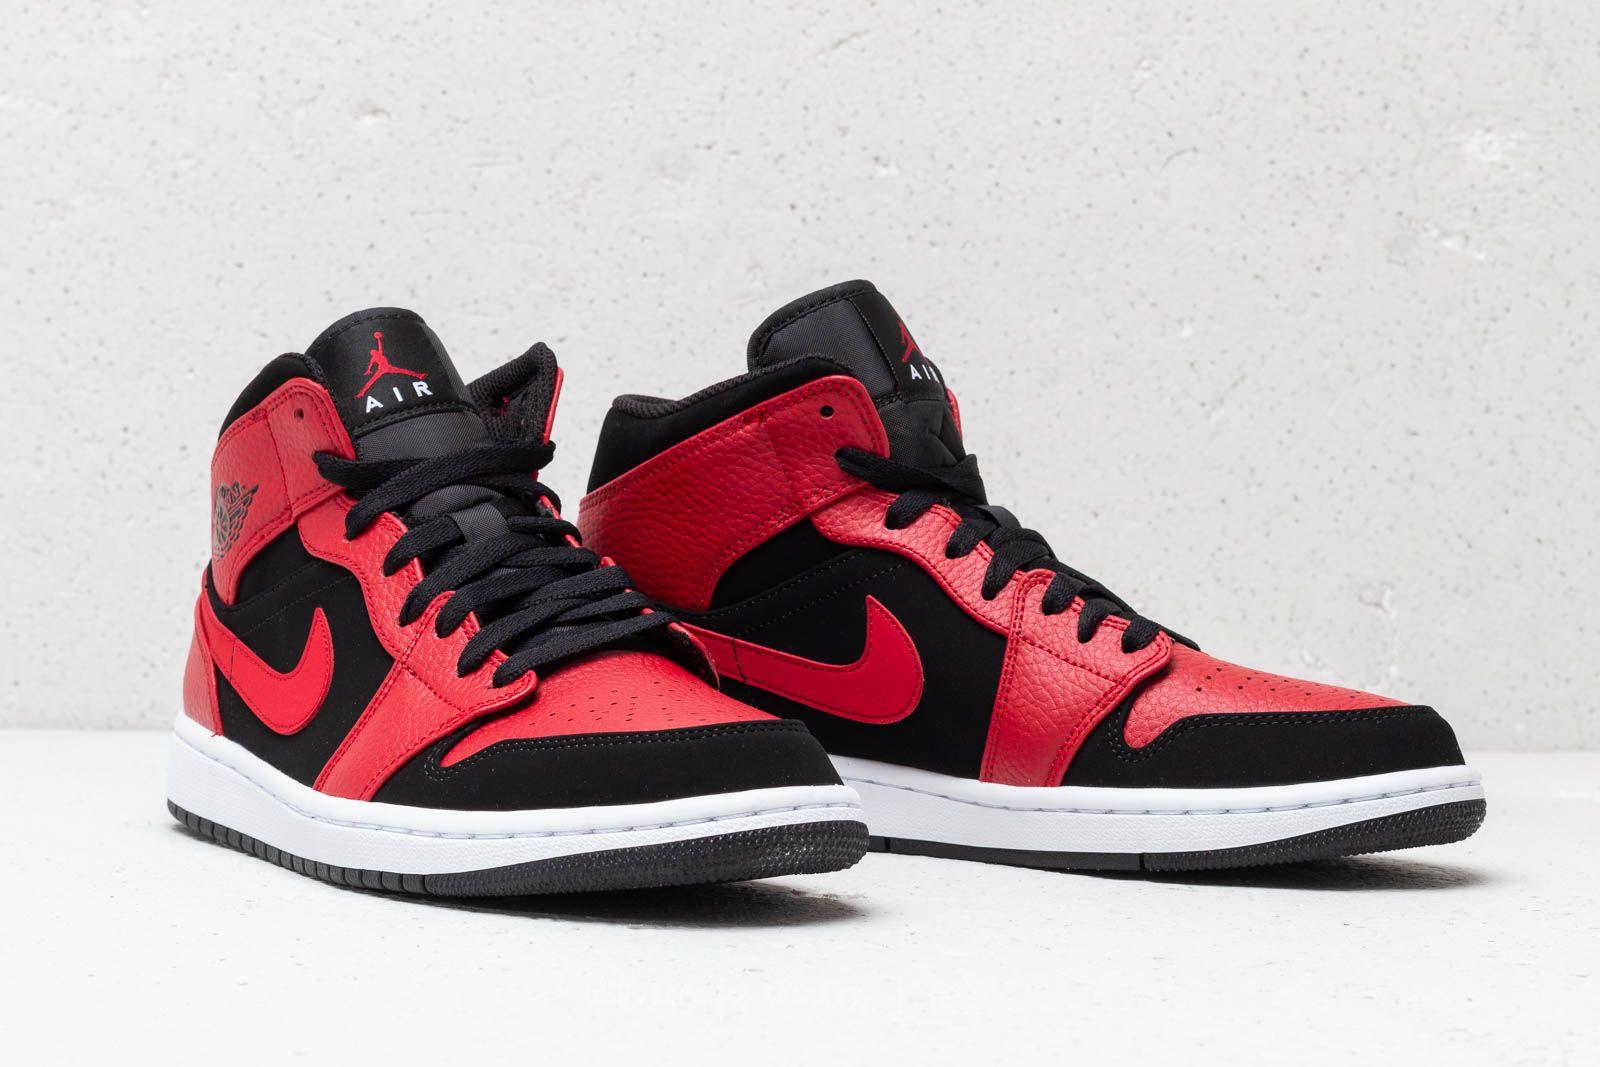 half off 778a9 047f0 Air Jordan 1 Mid Black/ Gym Red-White | Footshop